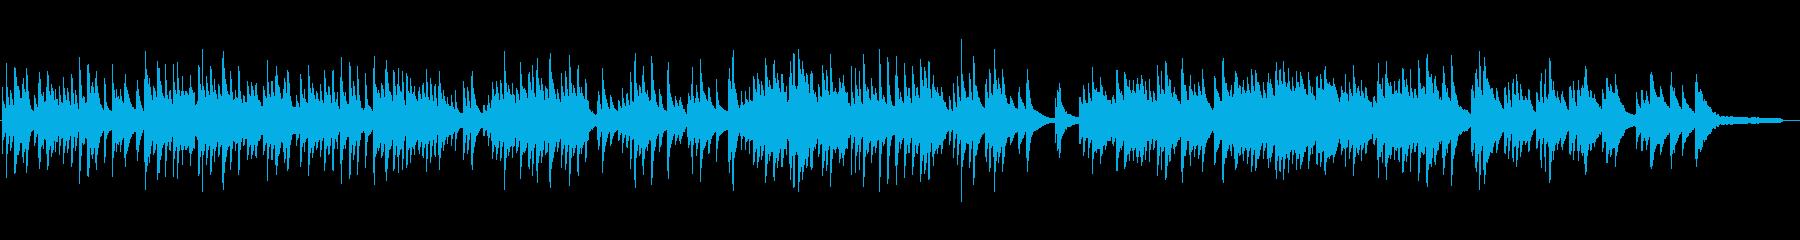 優しく感動的なピアノソロ曲の再生済みの波形